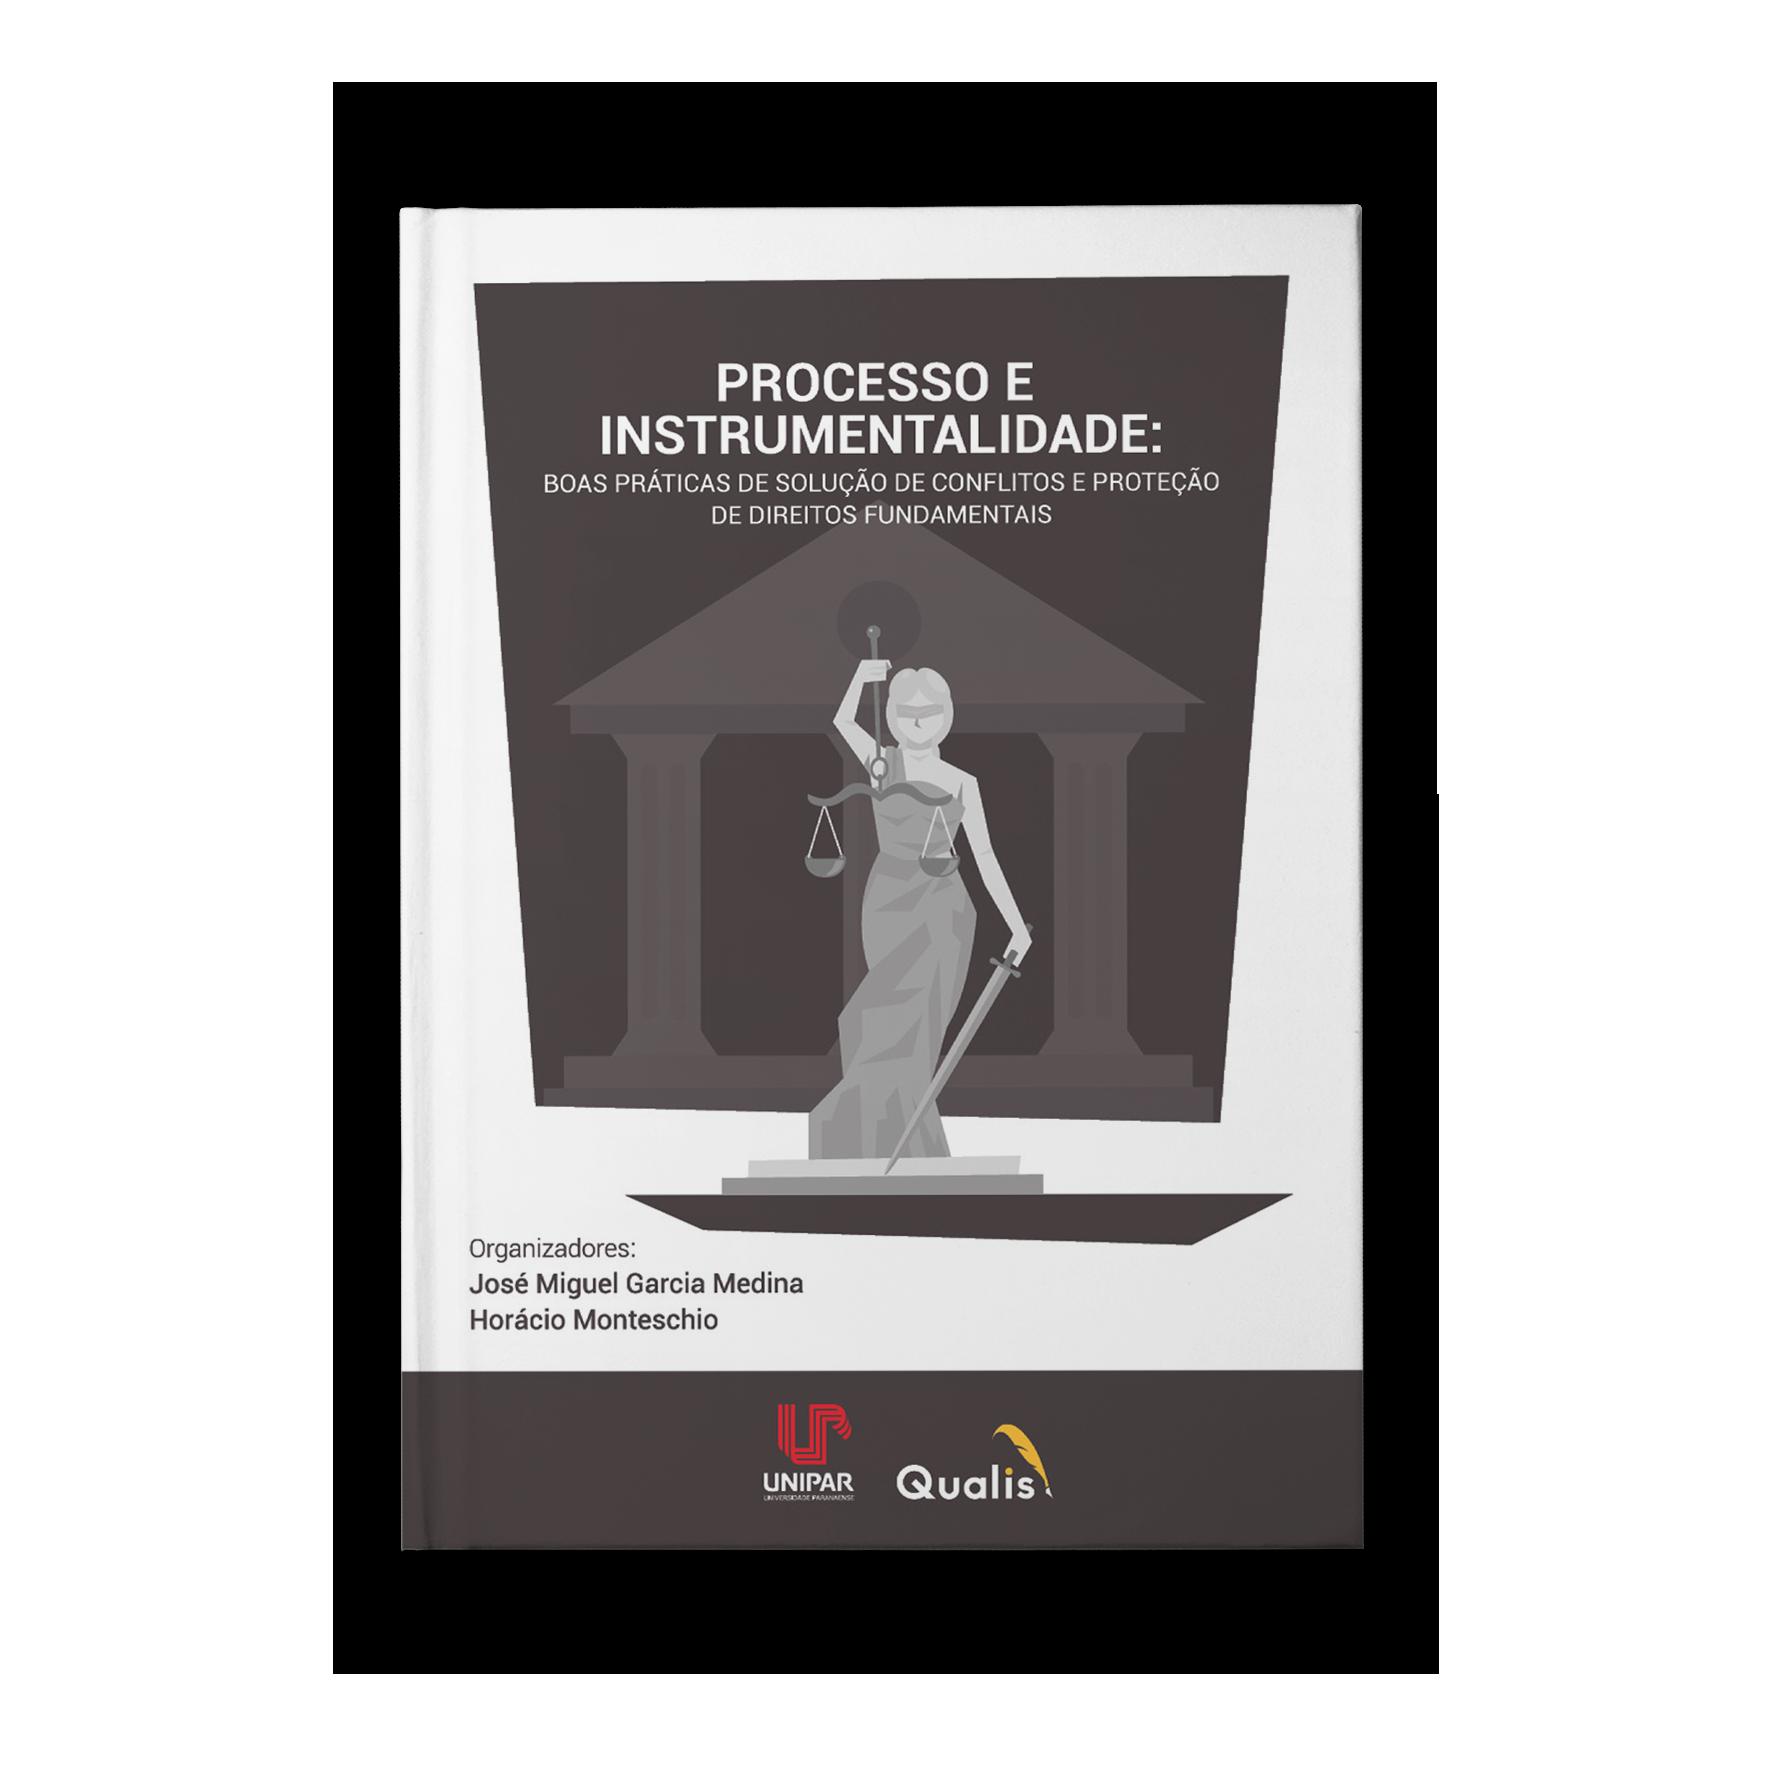 Processo e Instrumentalidade – Boas práticas e solução de conflitos e proteção de direitos humanos – José Miguel Garcia Medina e Horácio Monteschio